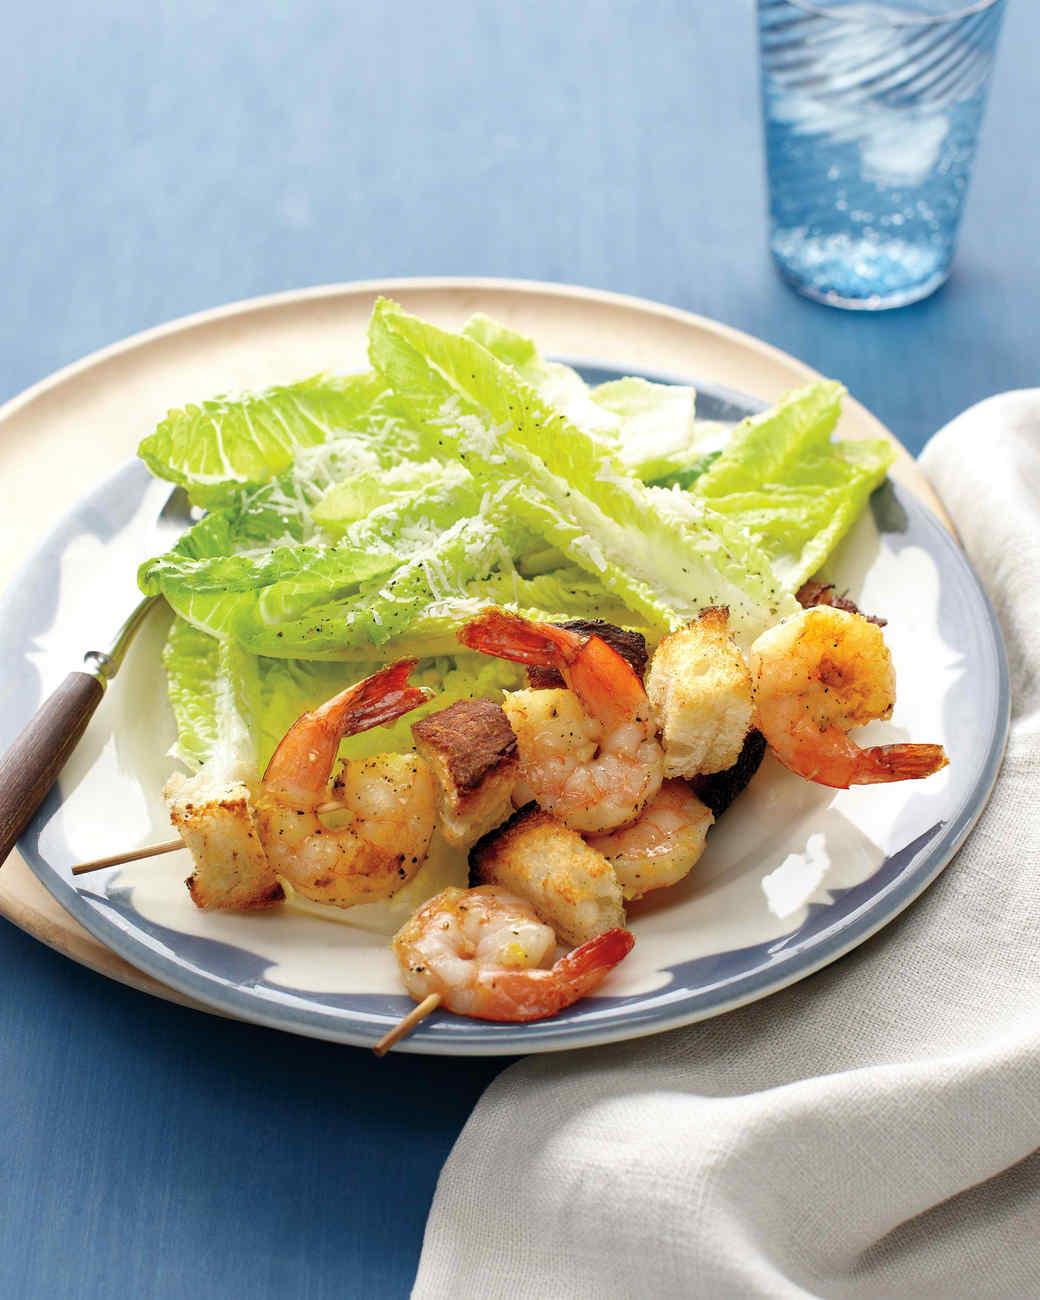 med106560_0311_bag_shrimp.jpg